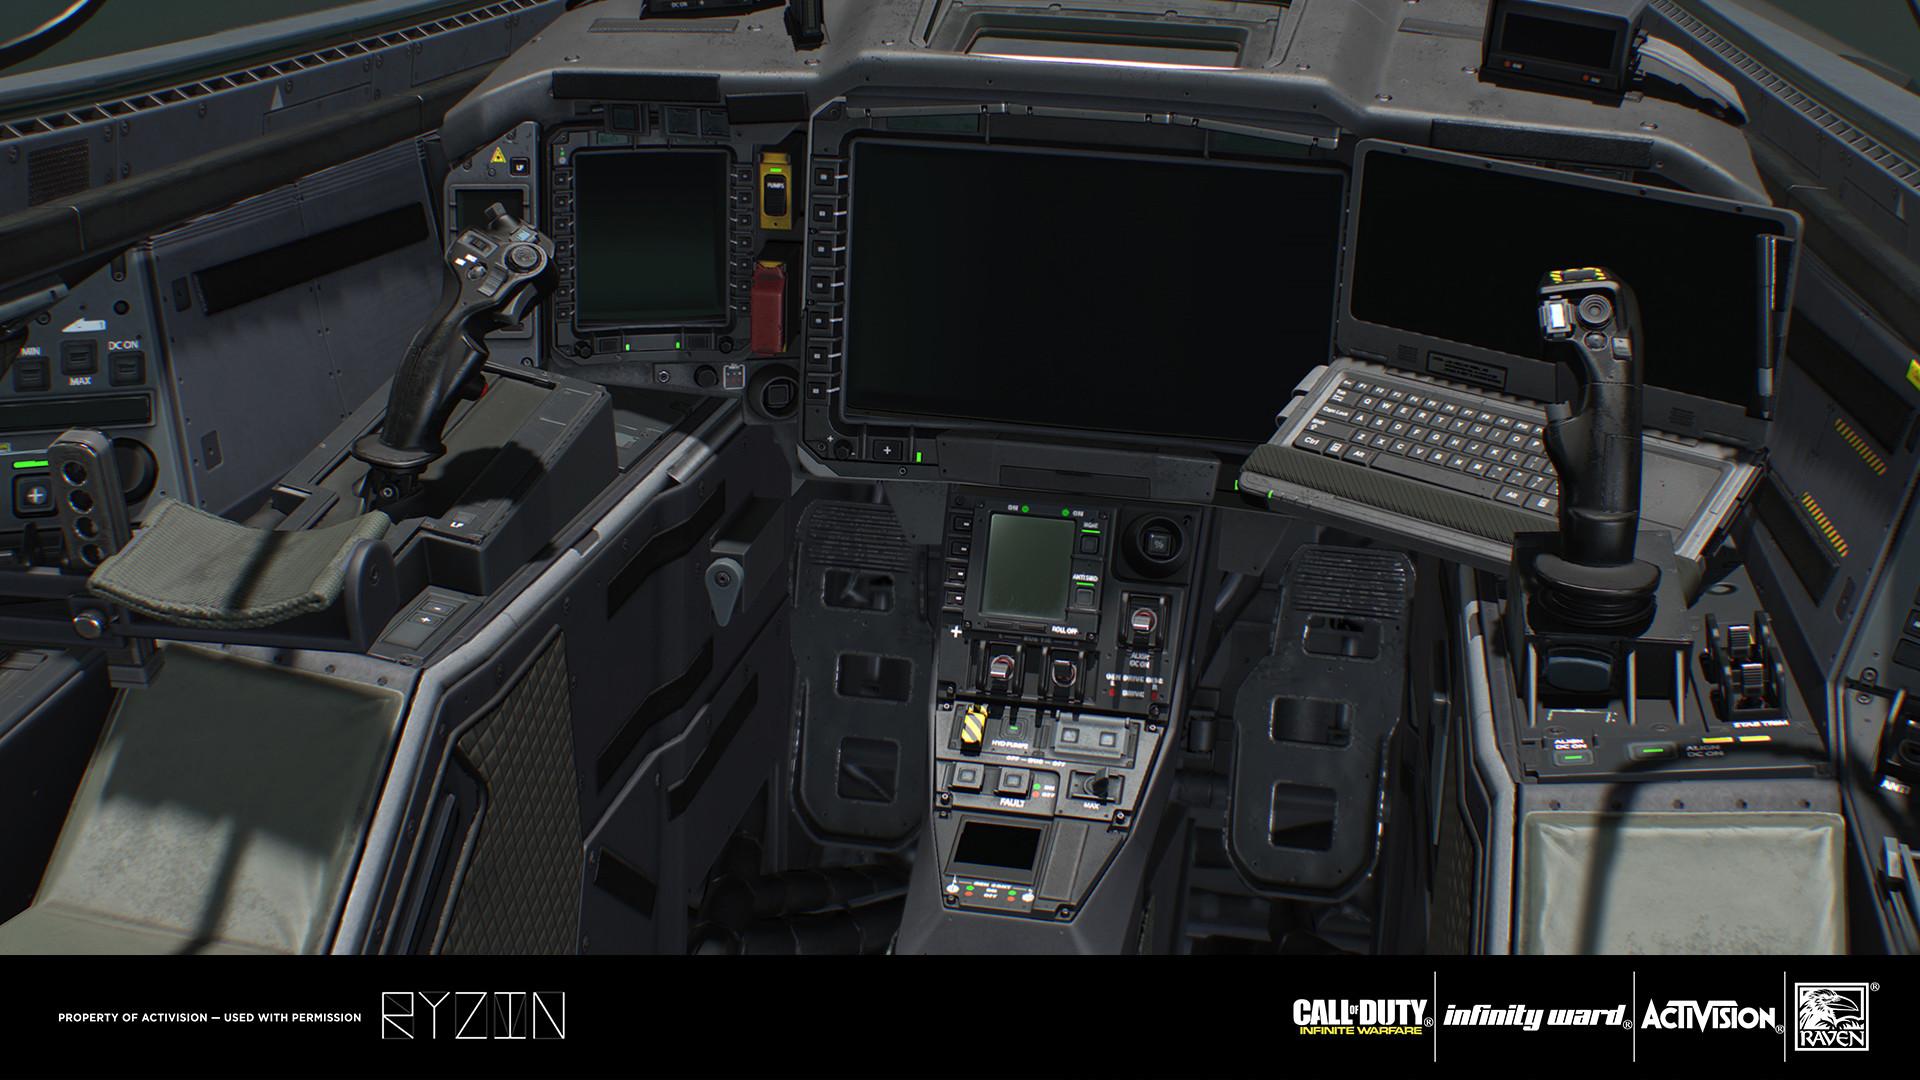 Henrique lopes cockpit05